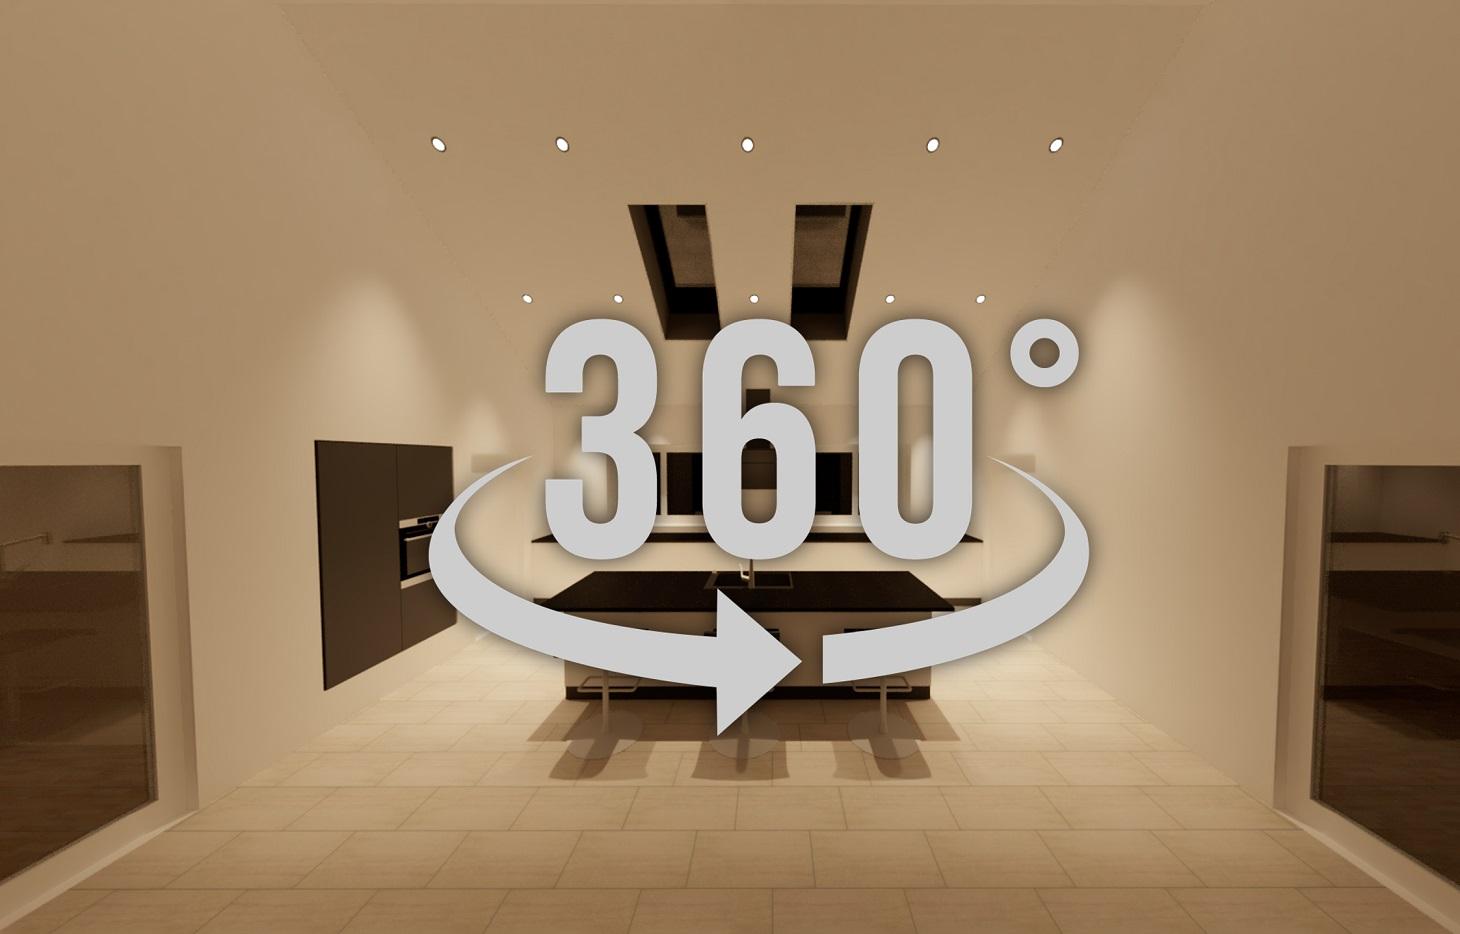 360 rendering